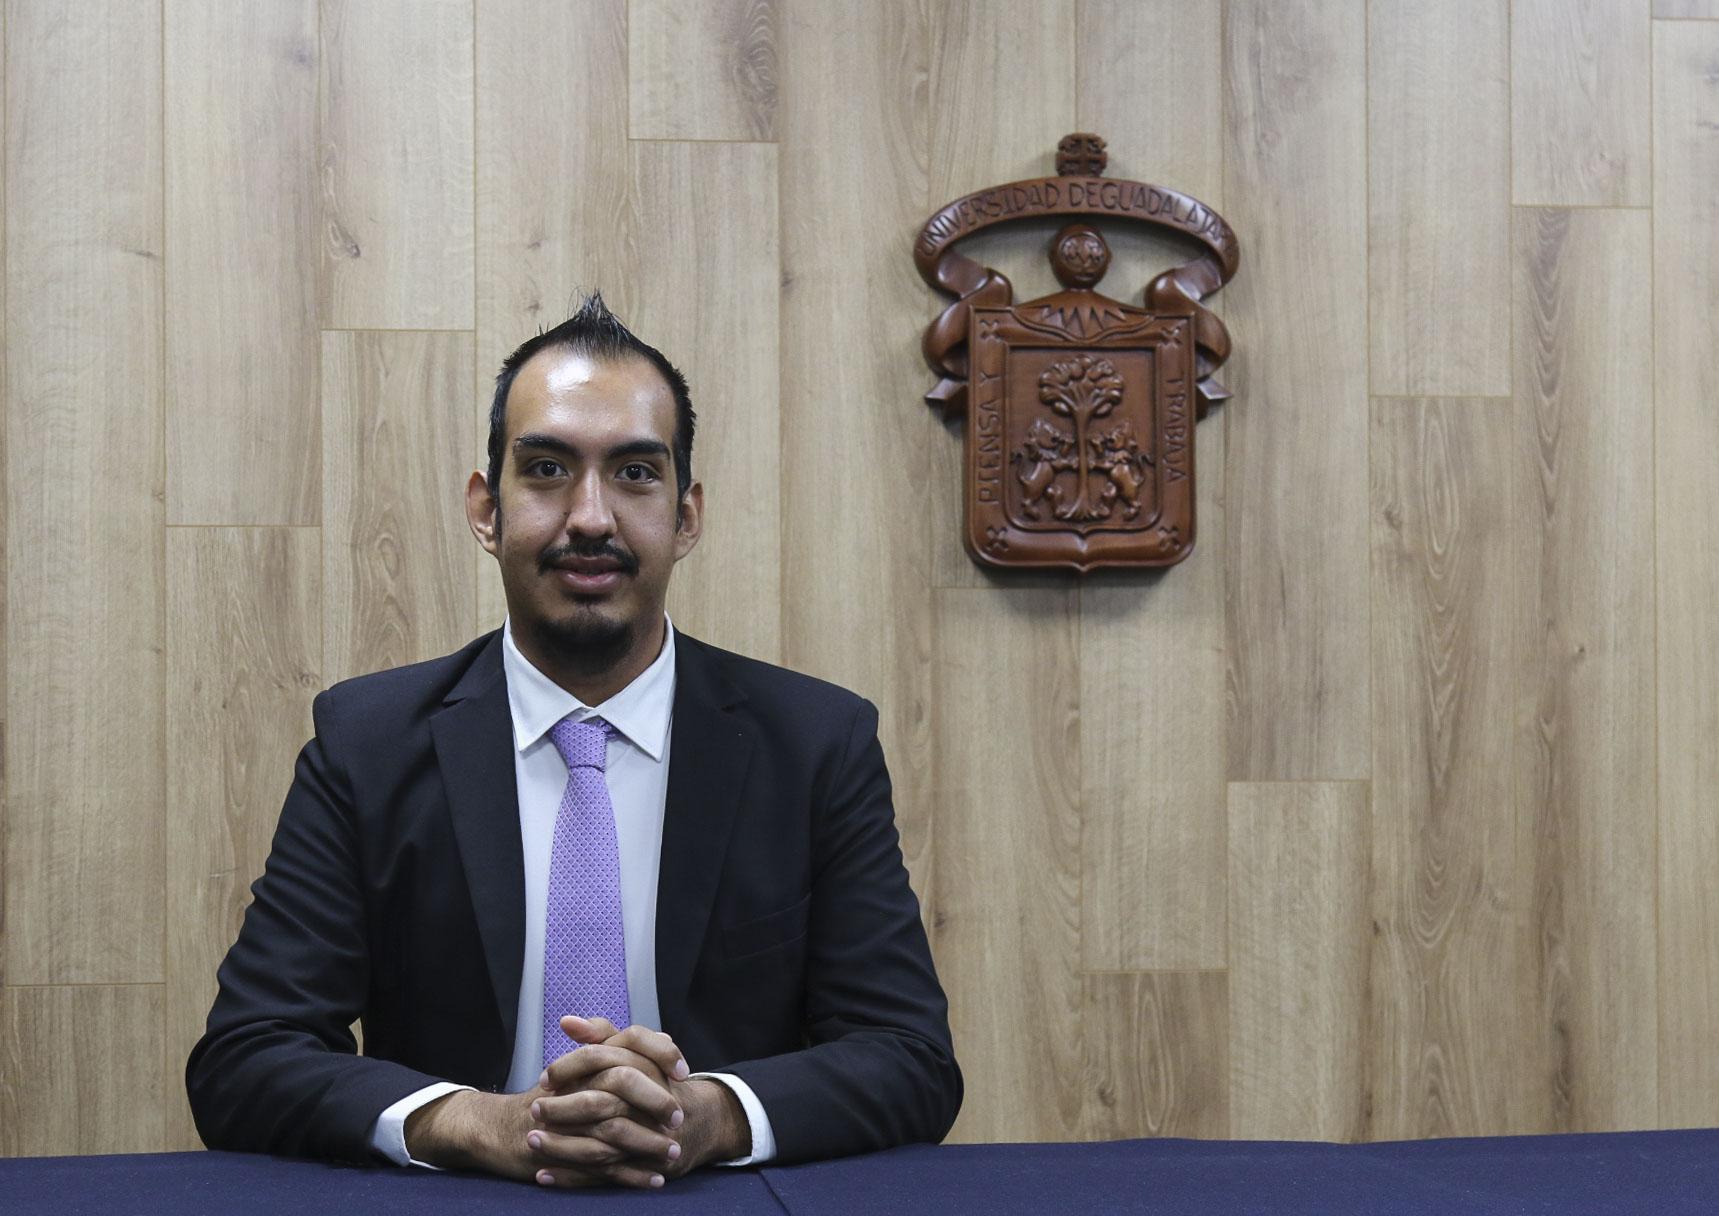 El doctor Carlos Alejandro Jáuregui